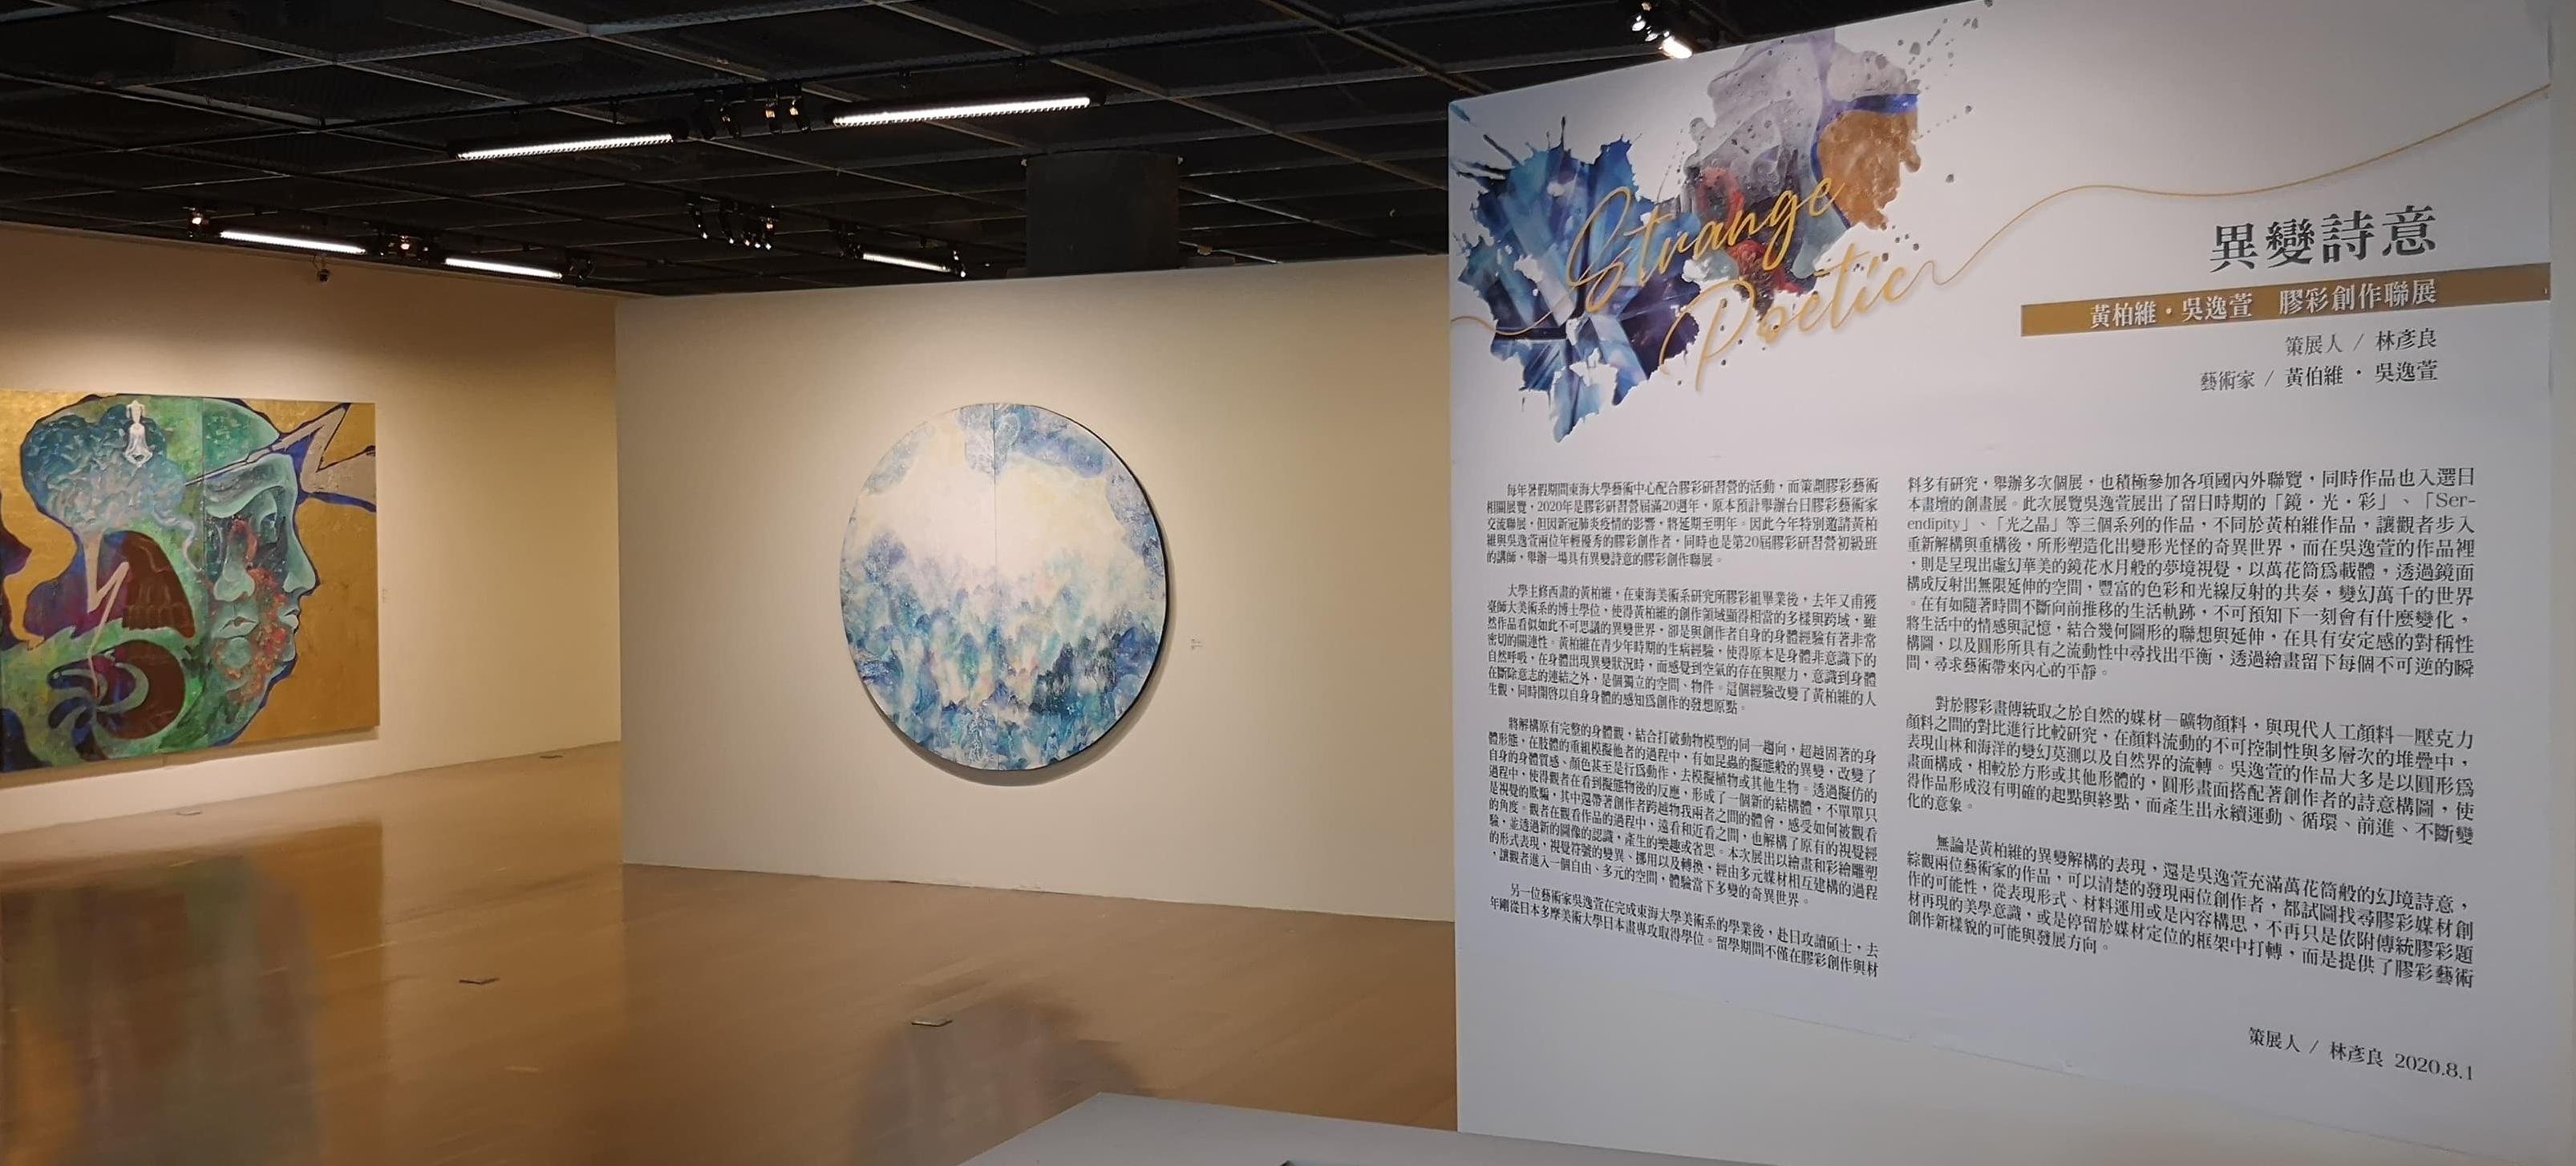 異變詩意-黃柏維 吳逸萱 膠彩創作聯展(2020/8/3-8/17)